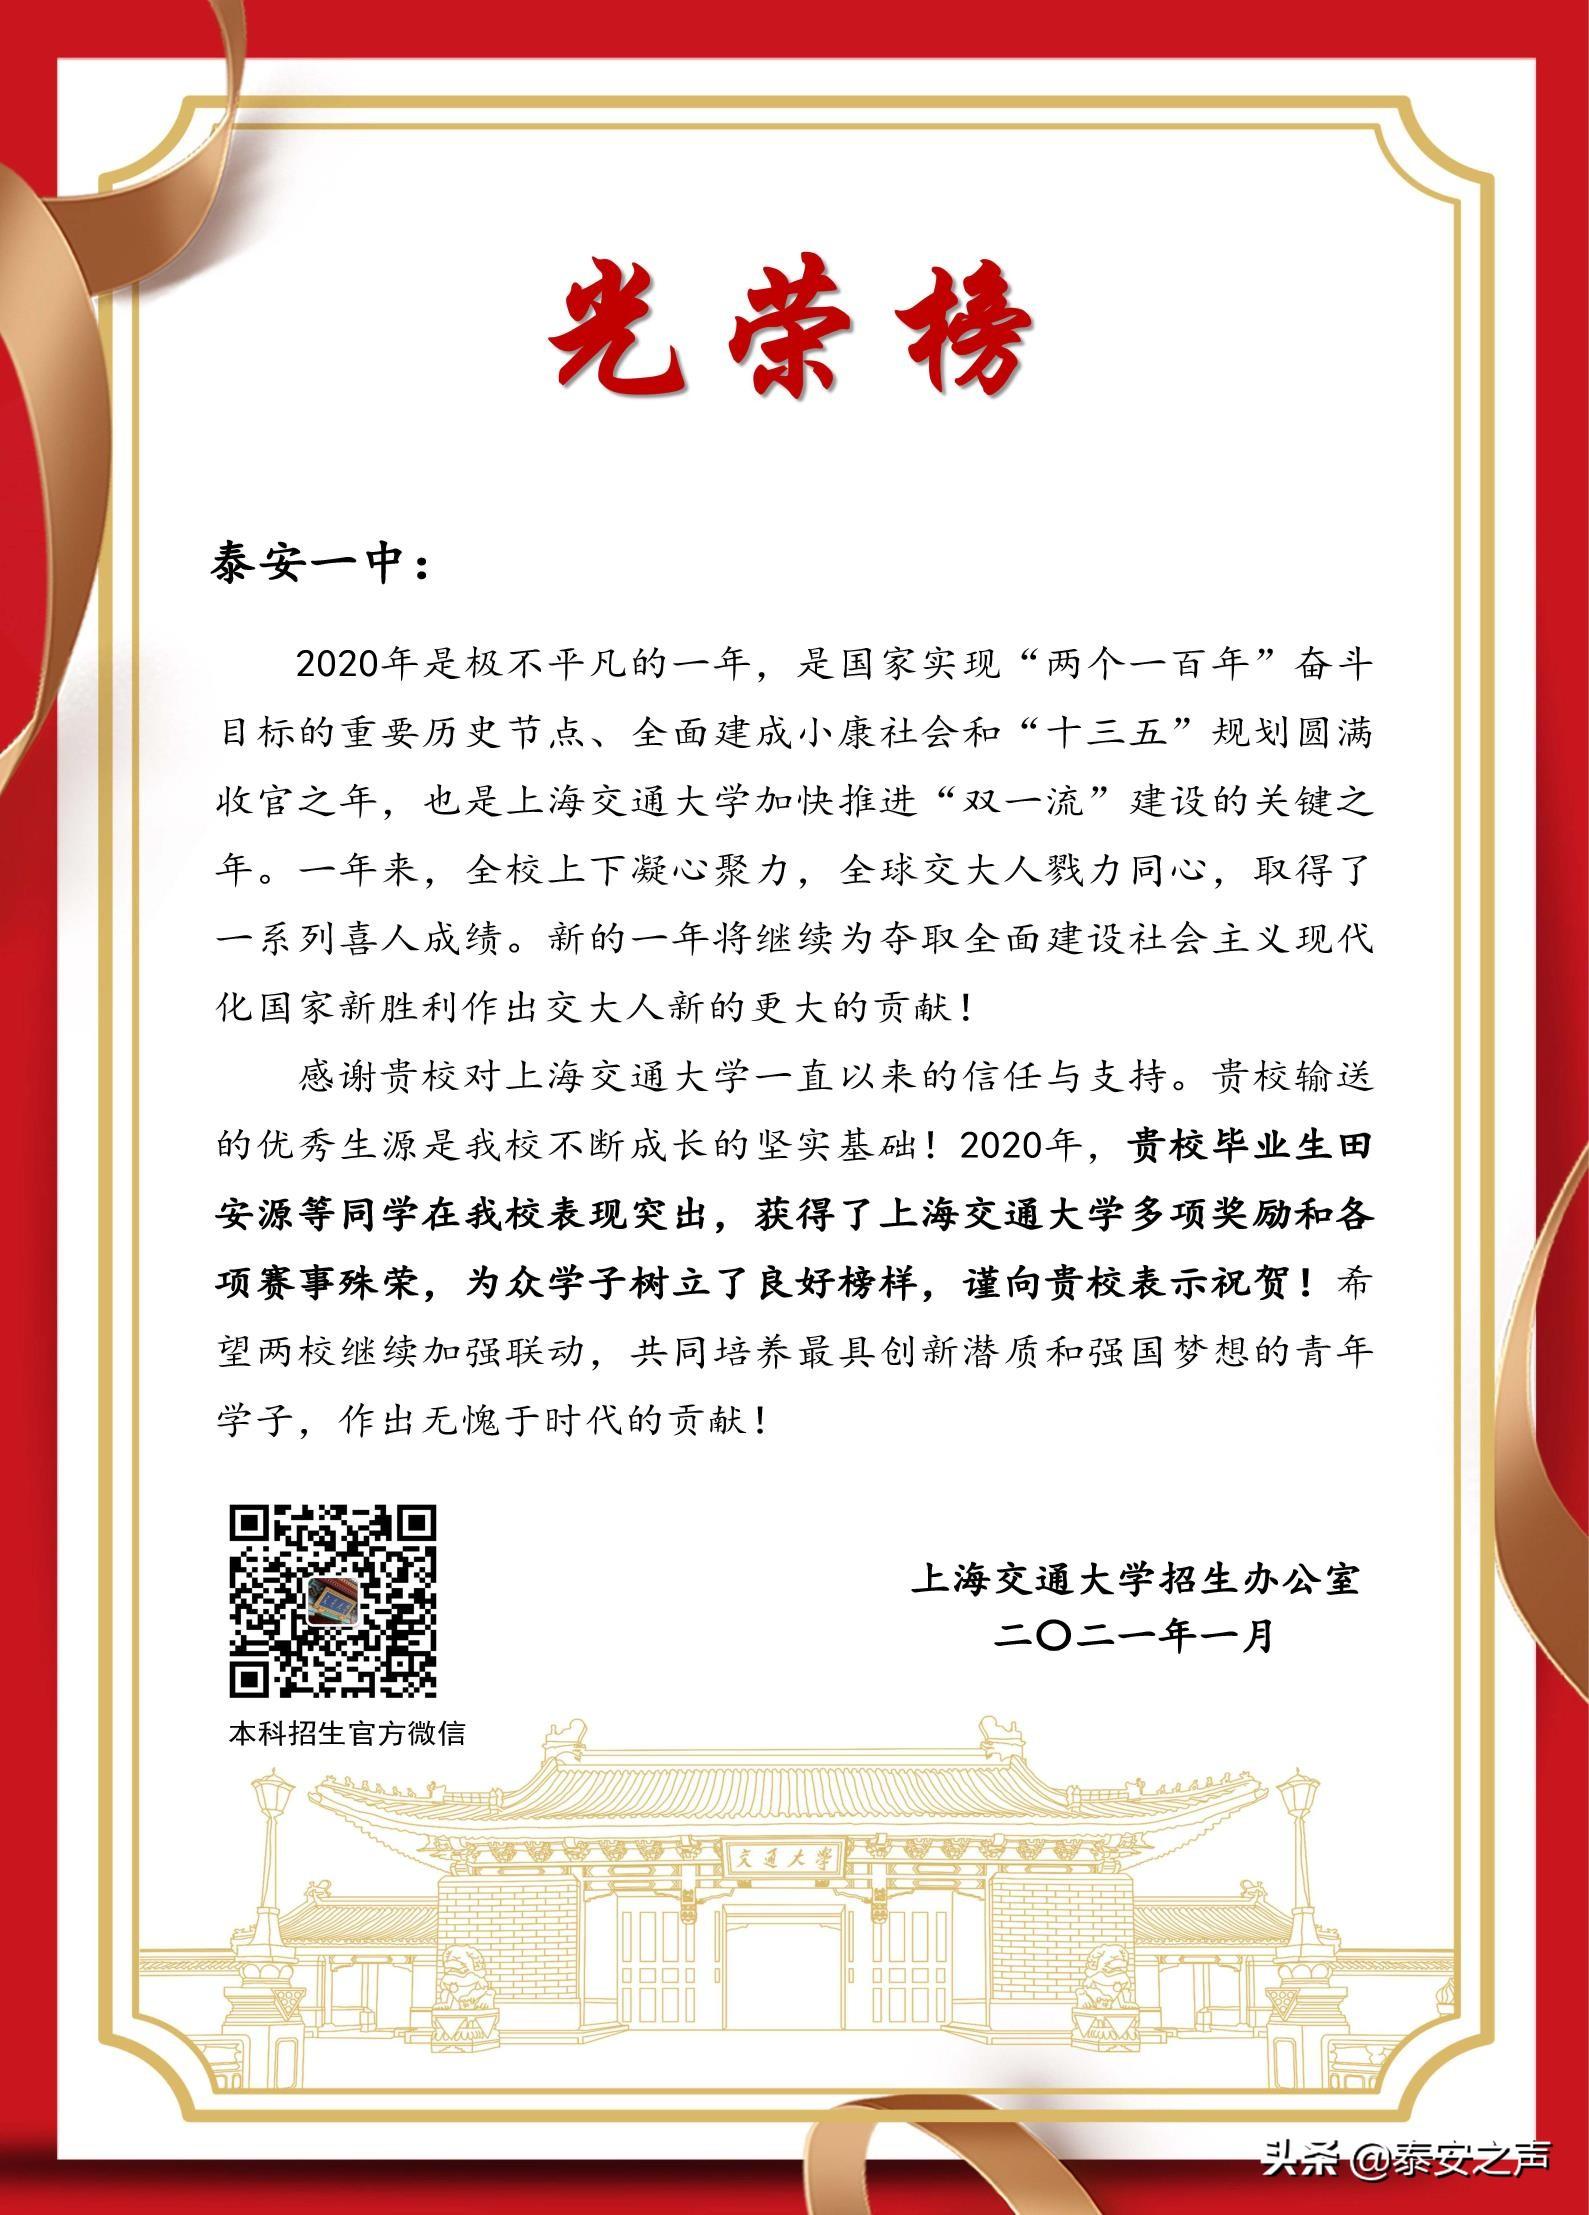 上海交通大学向泰安一中发来光荣榜